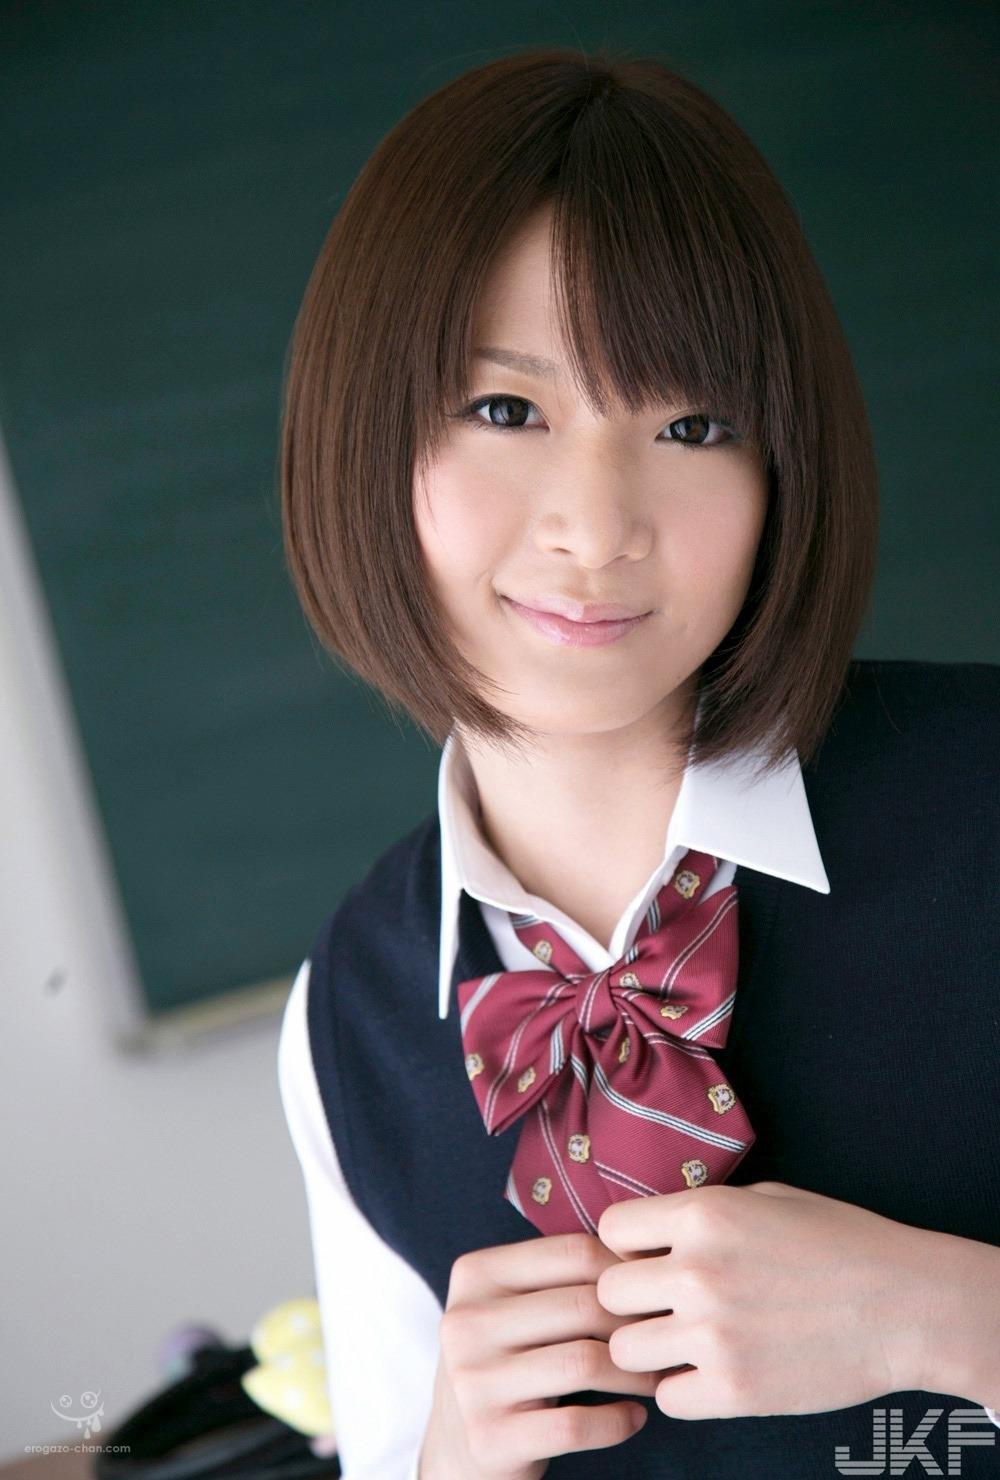 kamiya_mayu_1142-093.jpg